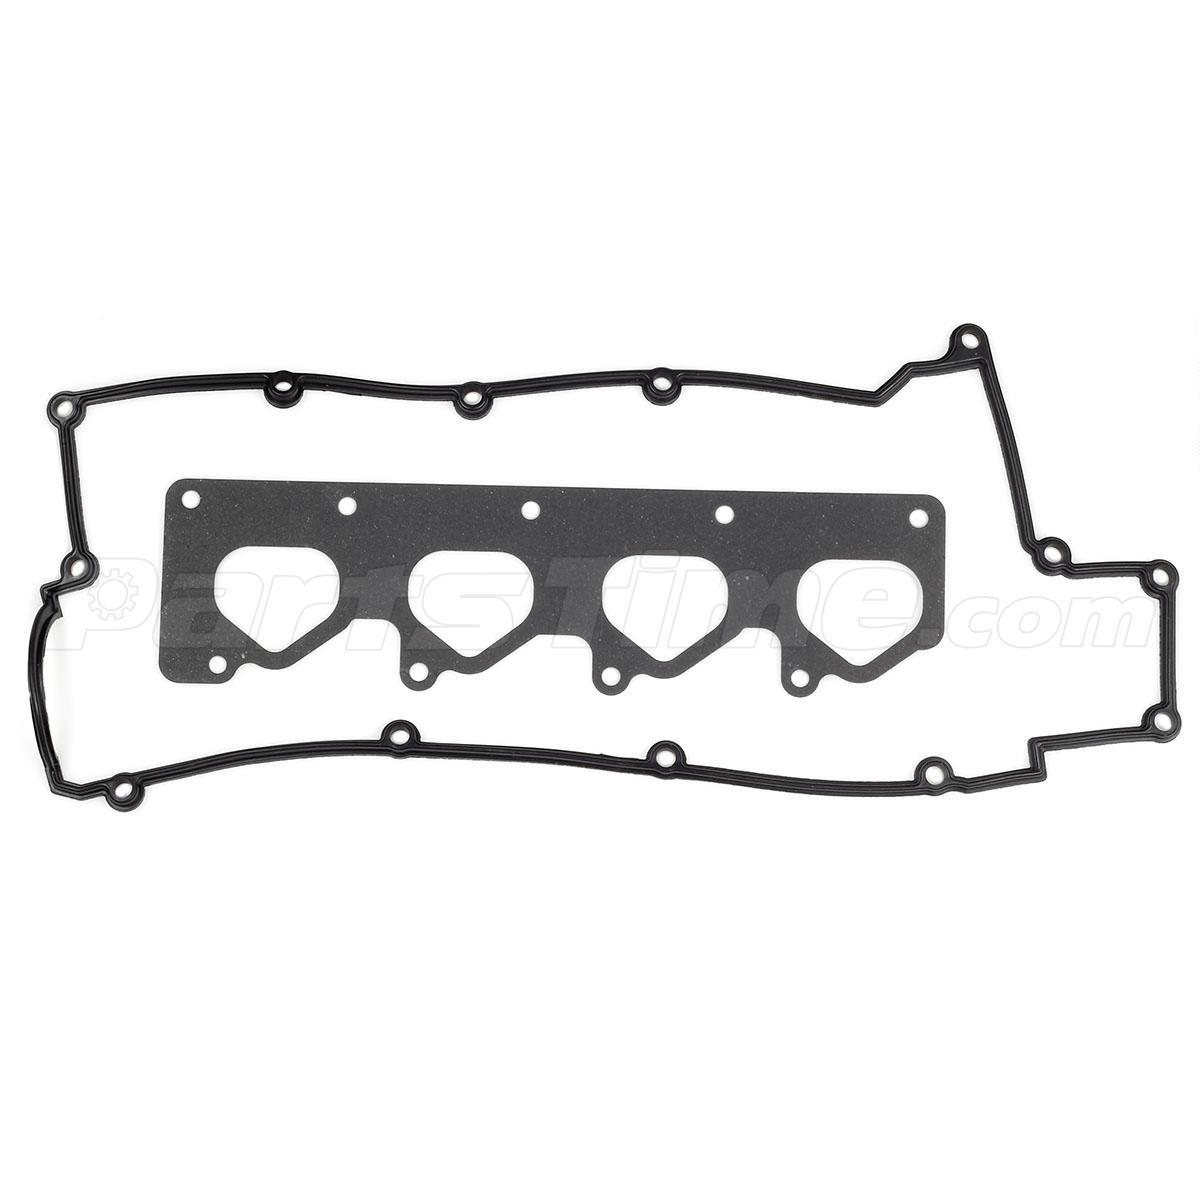 For Hyundai Kia 2.0L Elantra Tucson Sportage Head Gasket